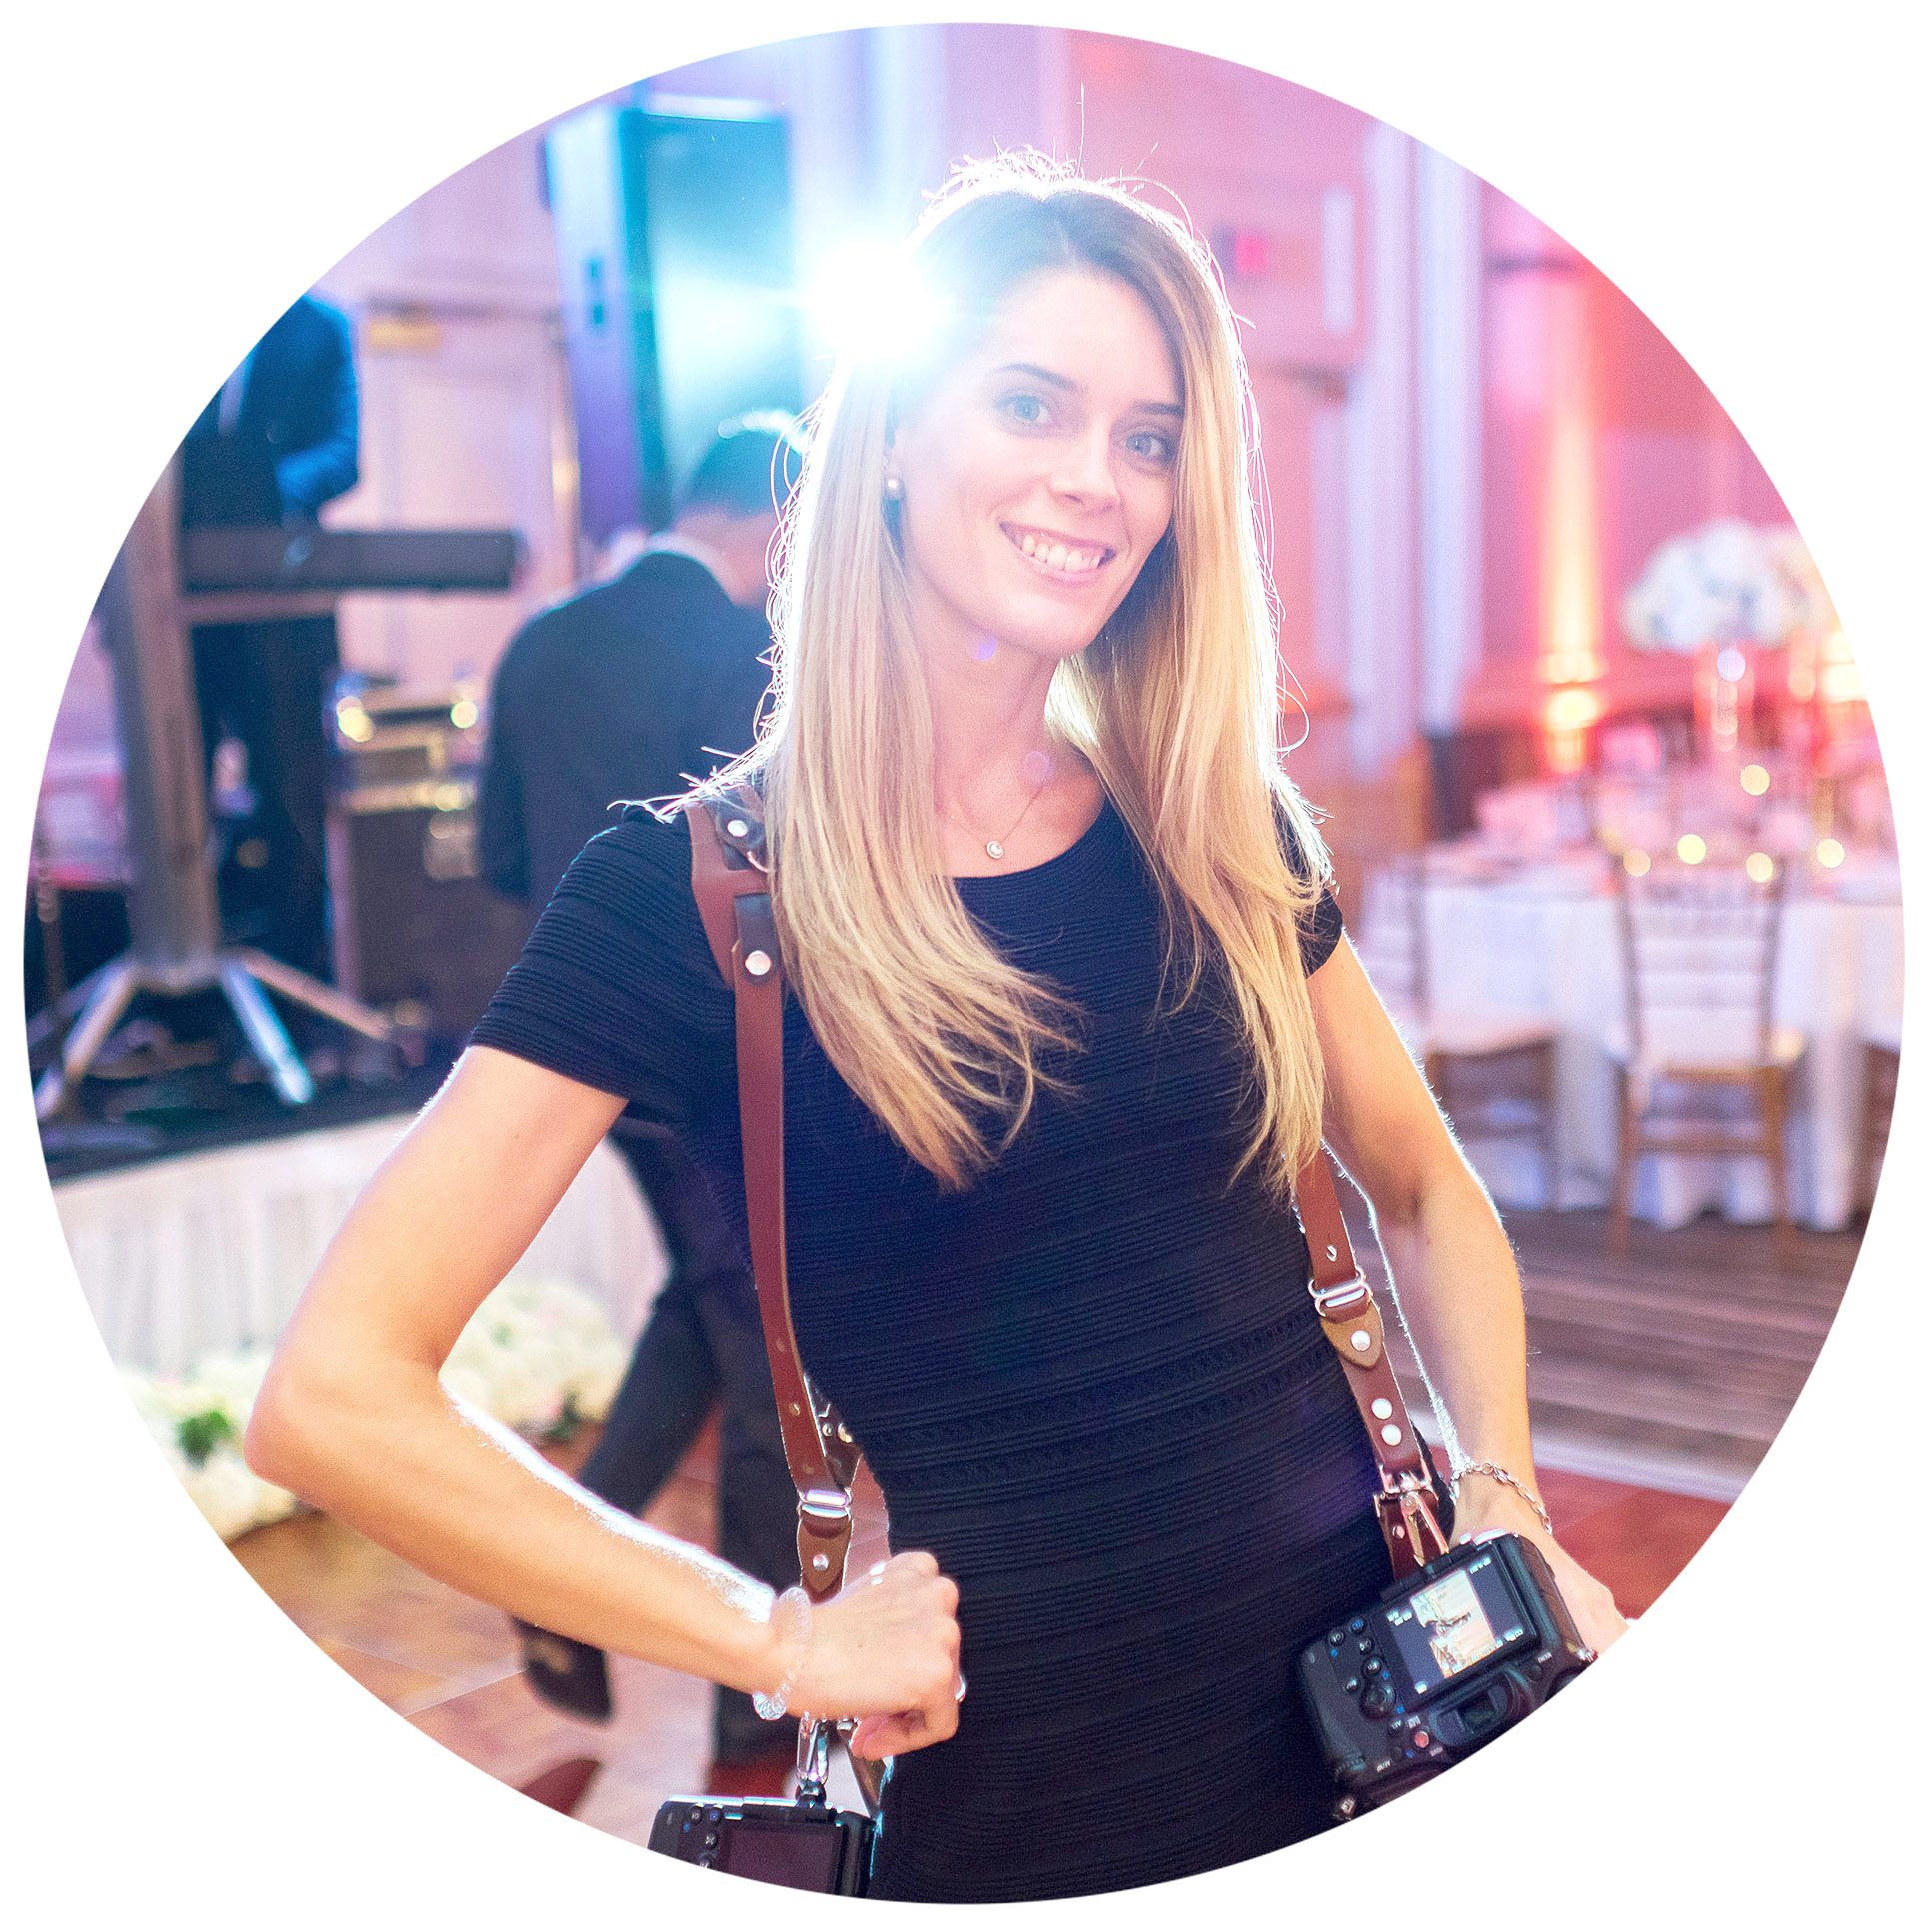 Jessica-Nazarova-Wedding-Photographer-Self-Portrait.jpg